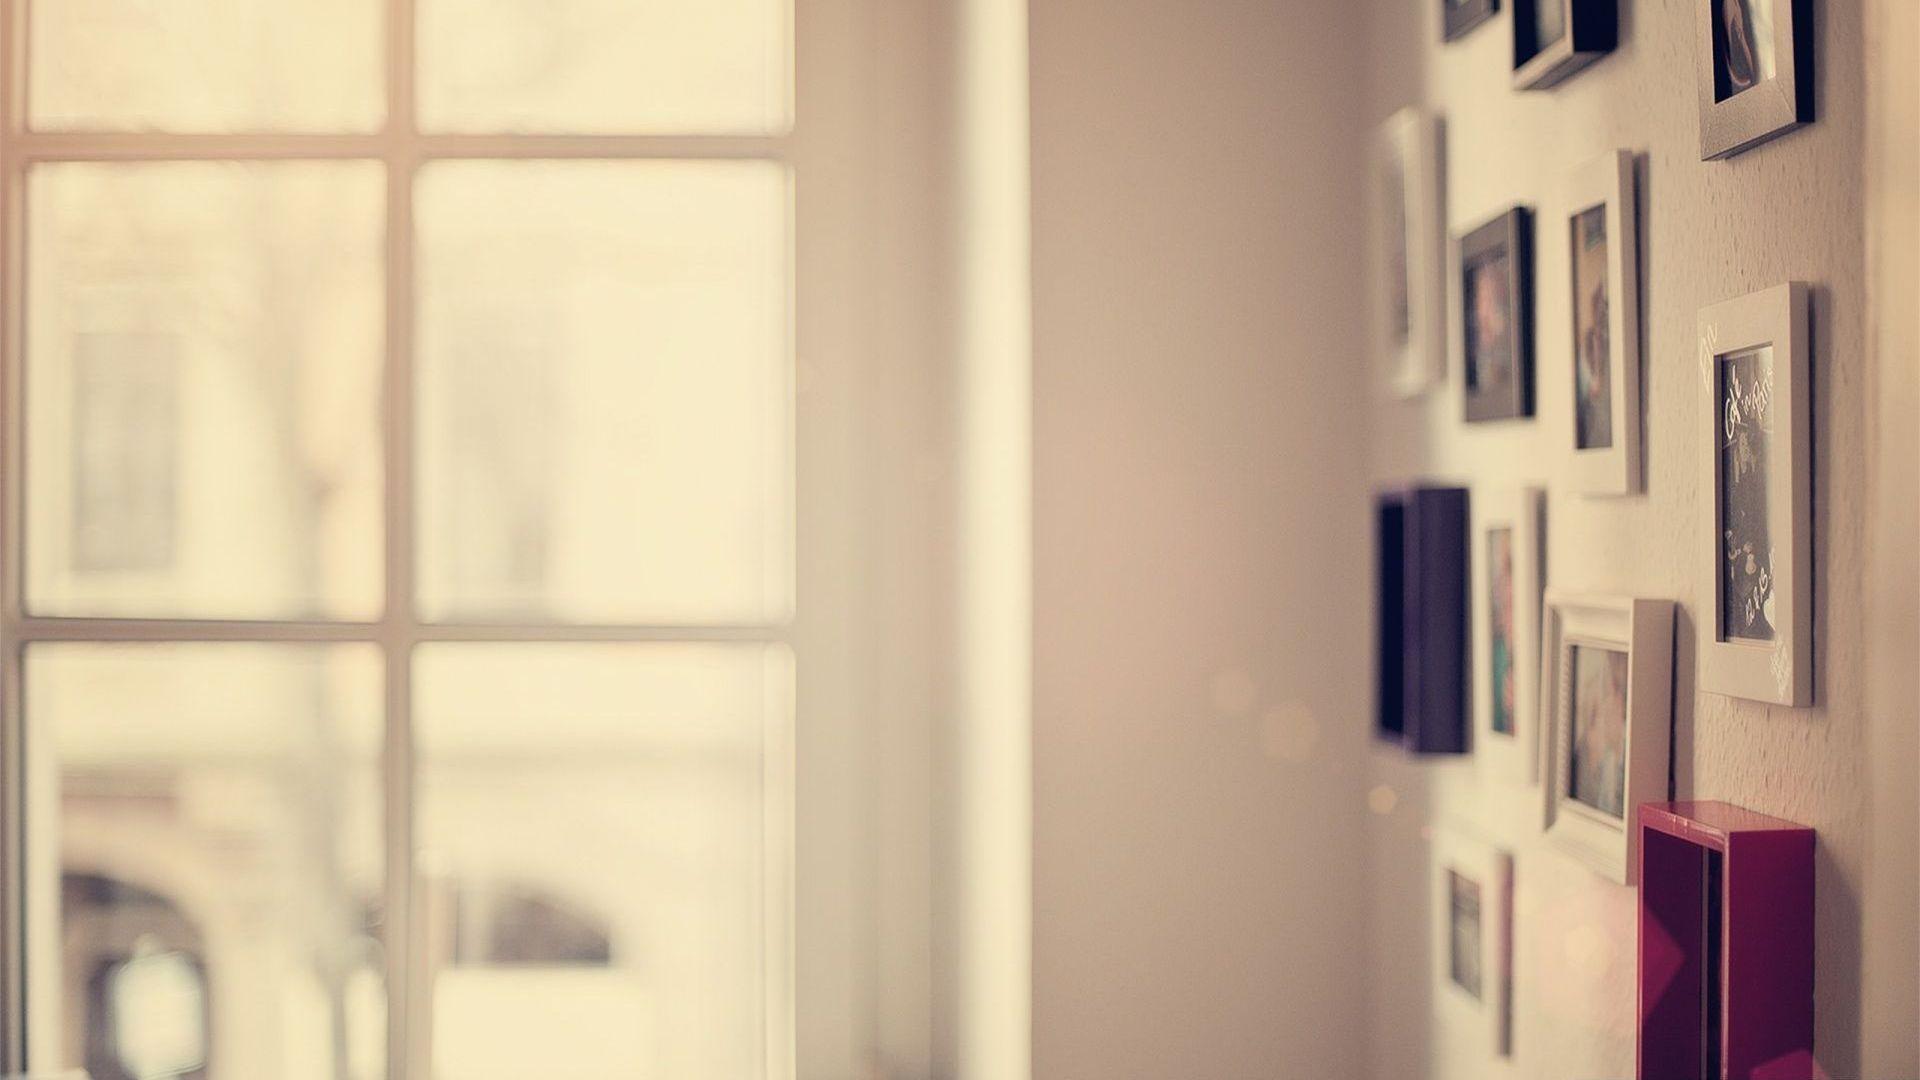 Full Size of Fenster Beleuchtung Herunterladen 1920x1080 Full Hd Hintergrundbilder Licht Wand Gitter Einbruchschutz Sicherheitsfolie Landhaus Rollos Ohne Bohren Fenster Fenster Beleuchtung